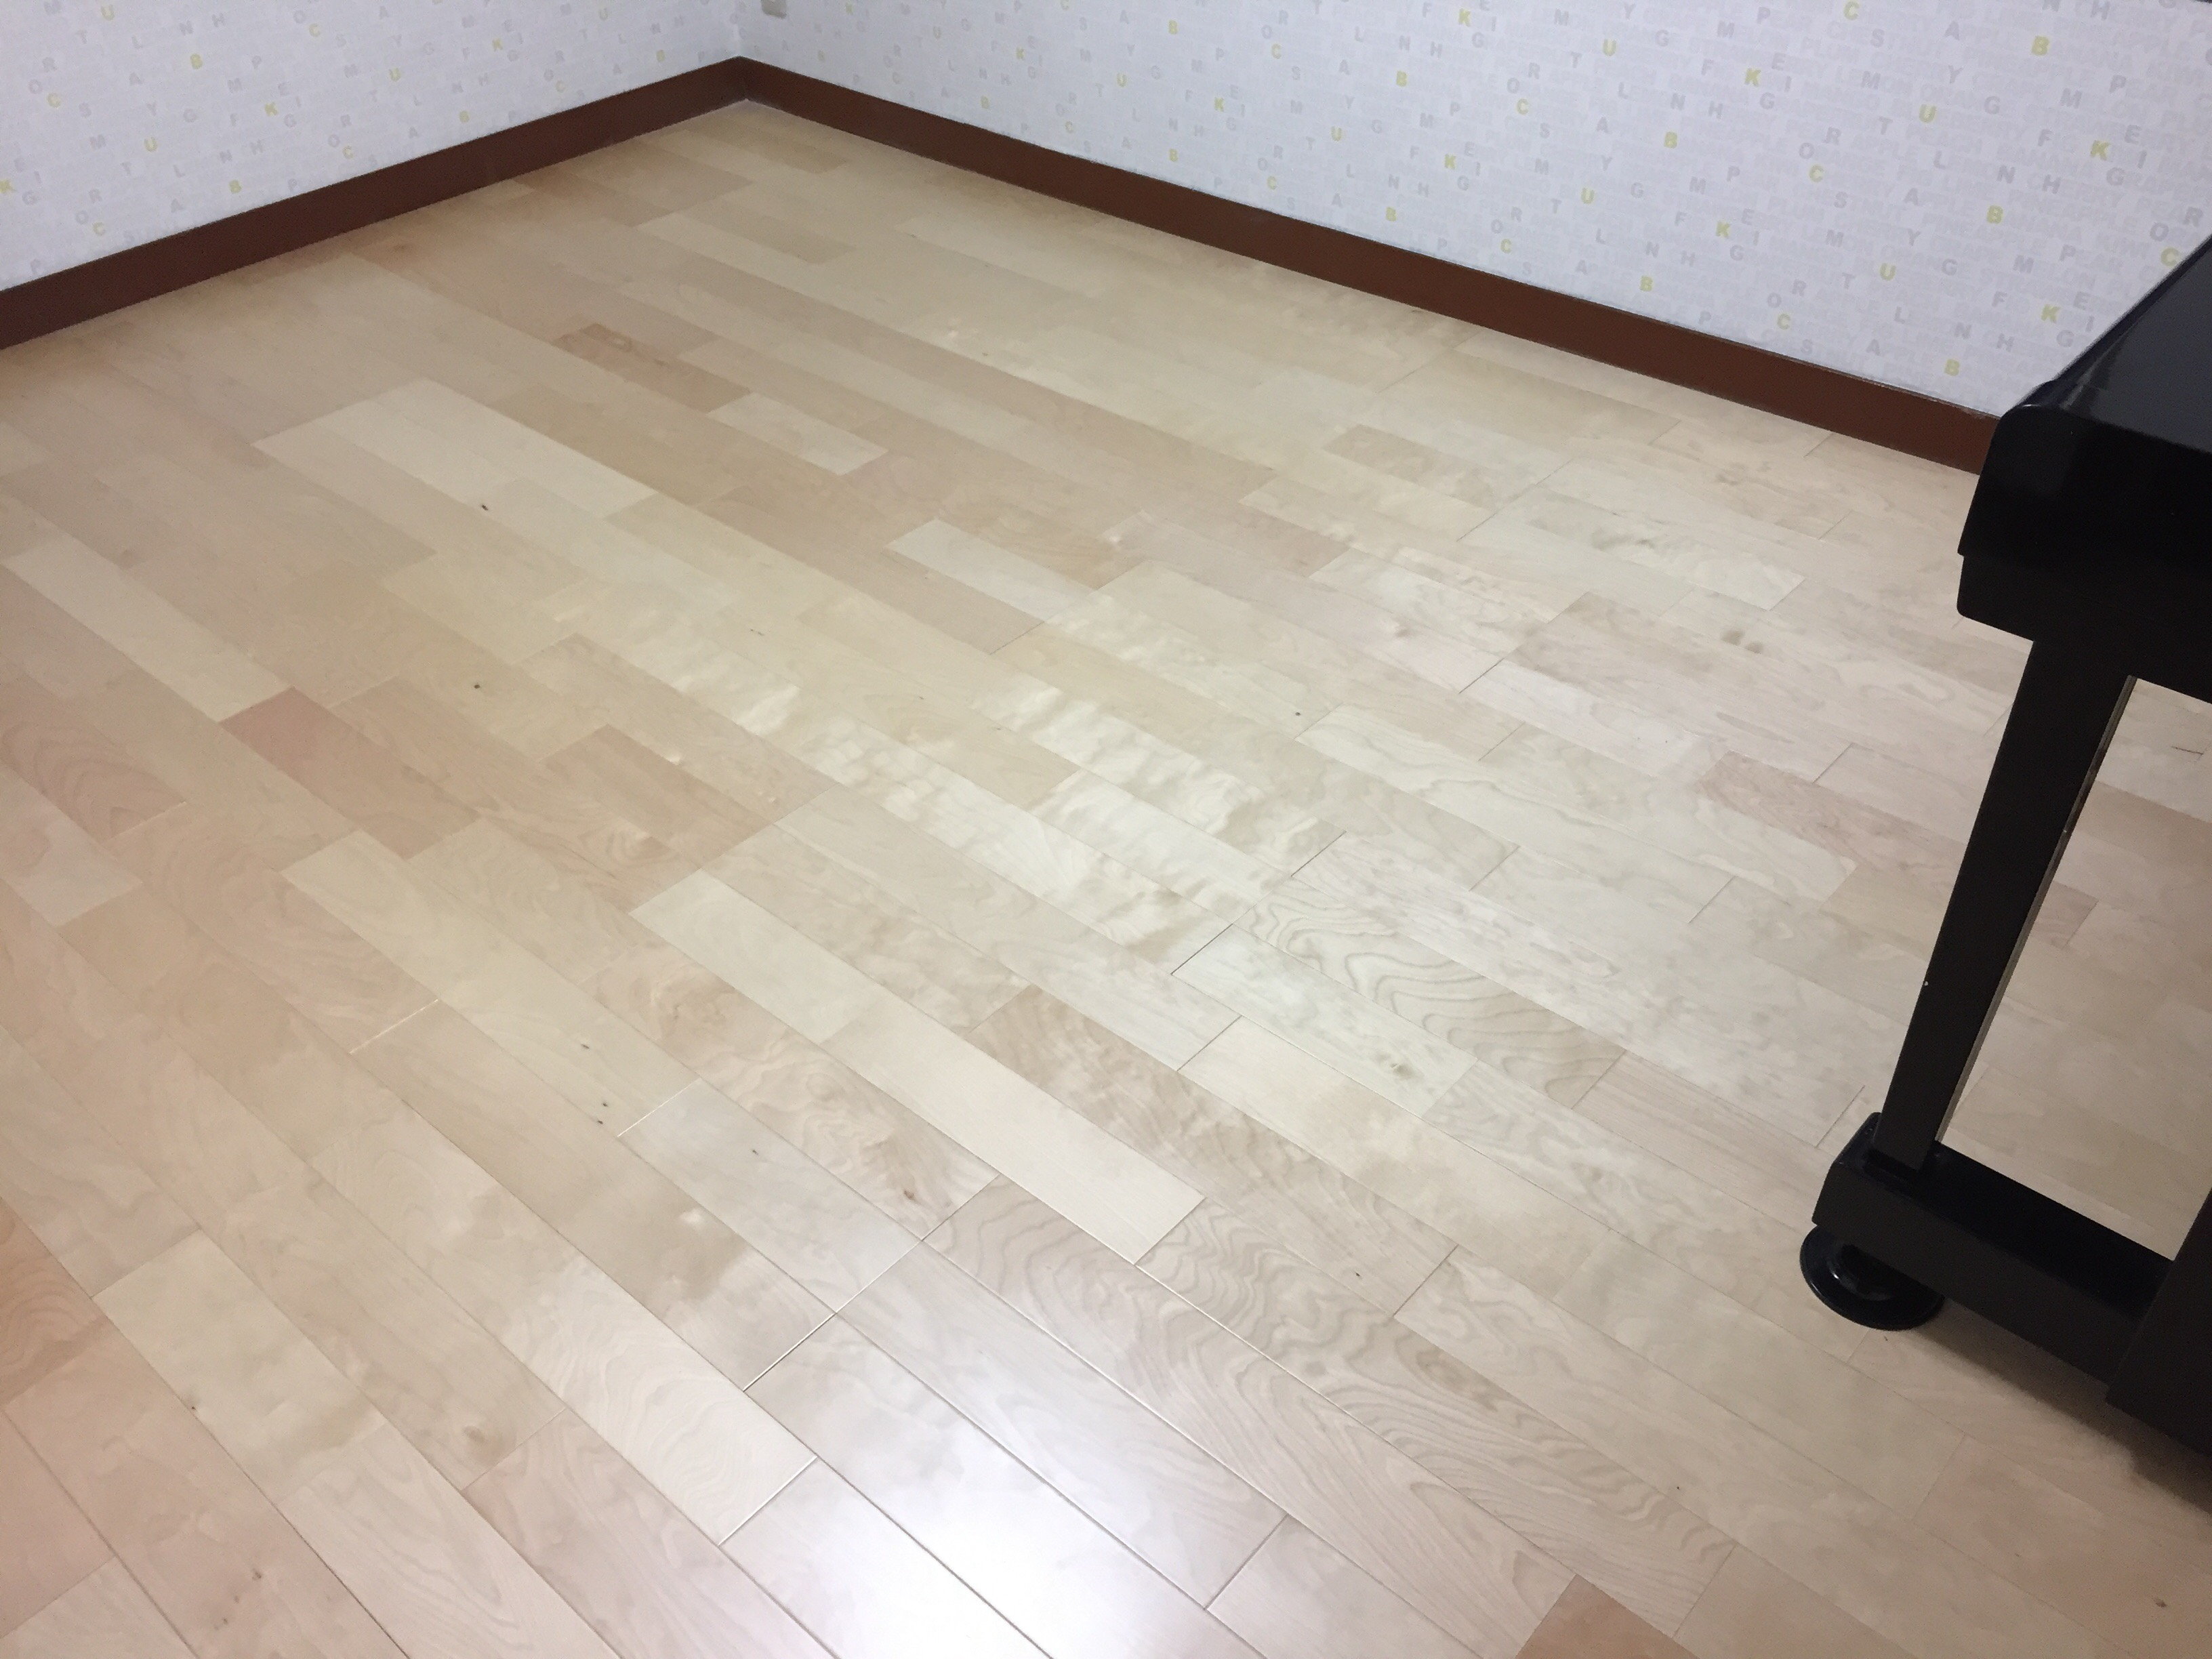 子供部屋へリフォーム 施工後 床